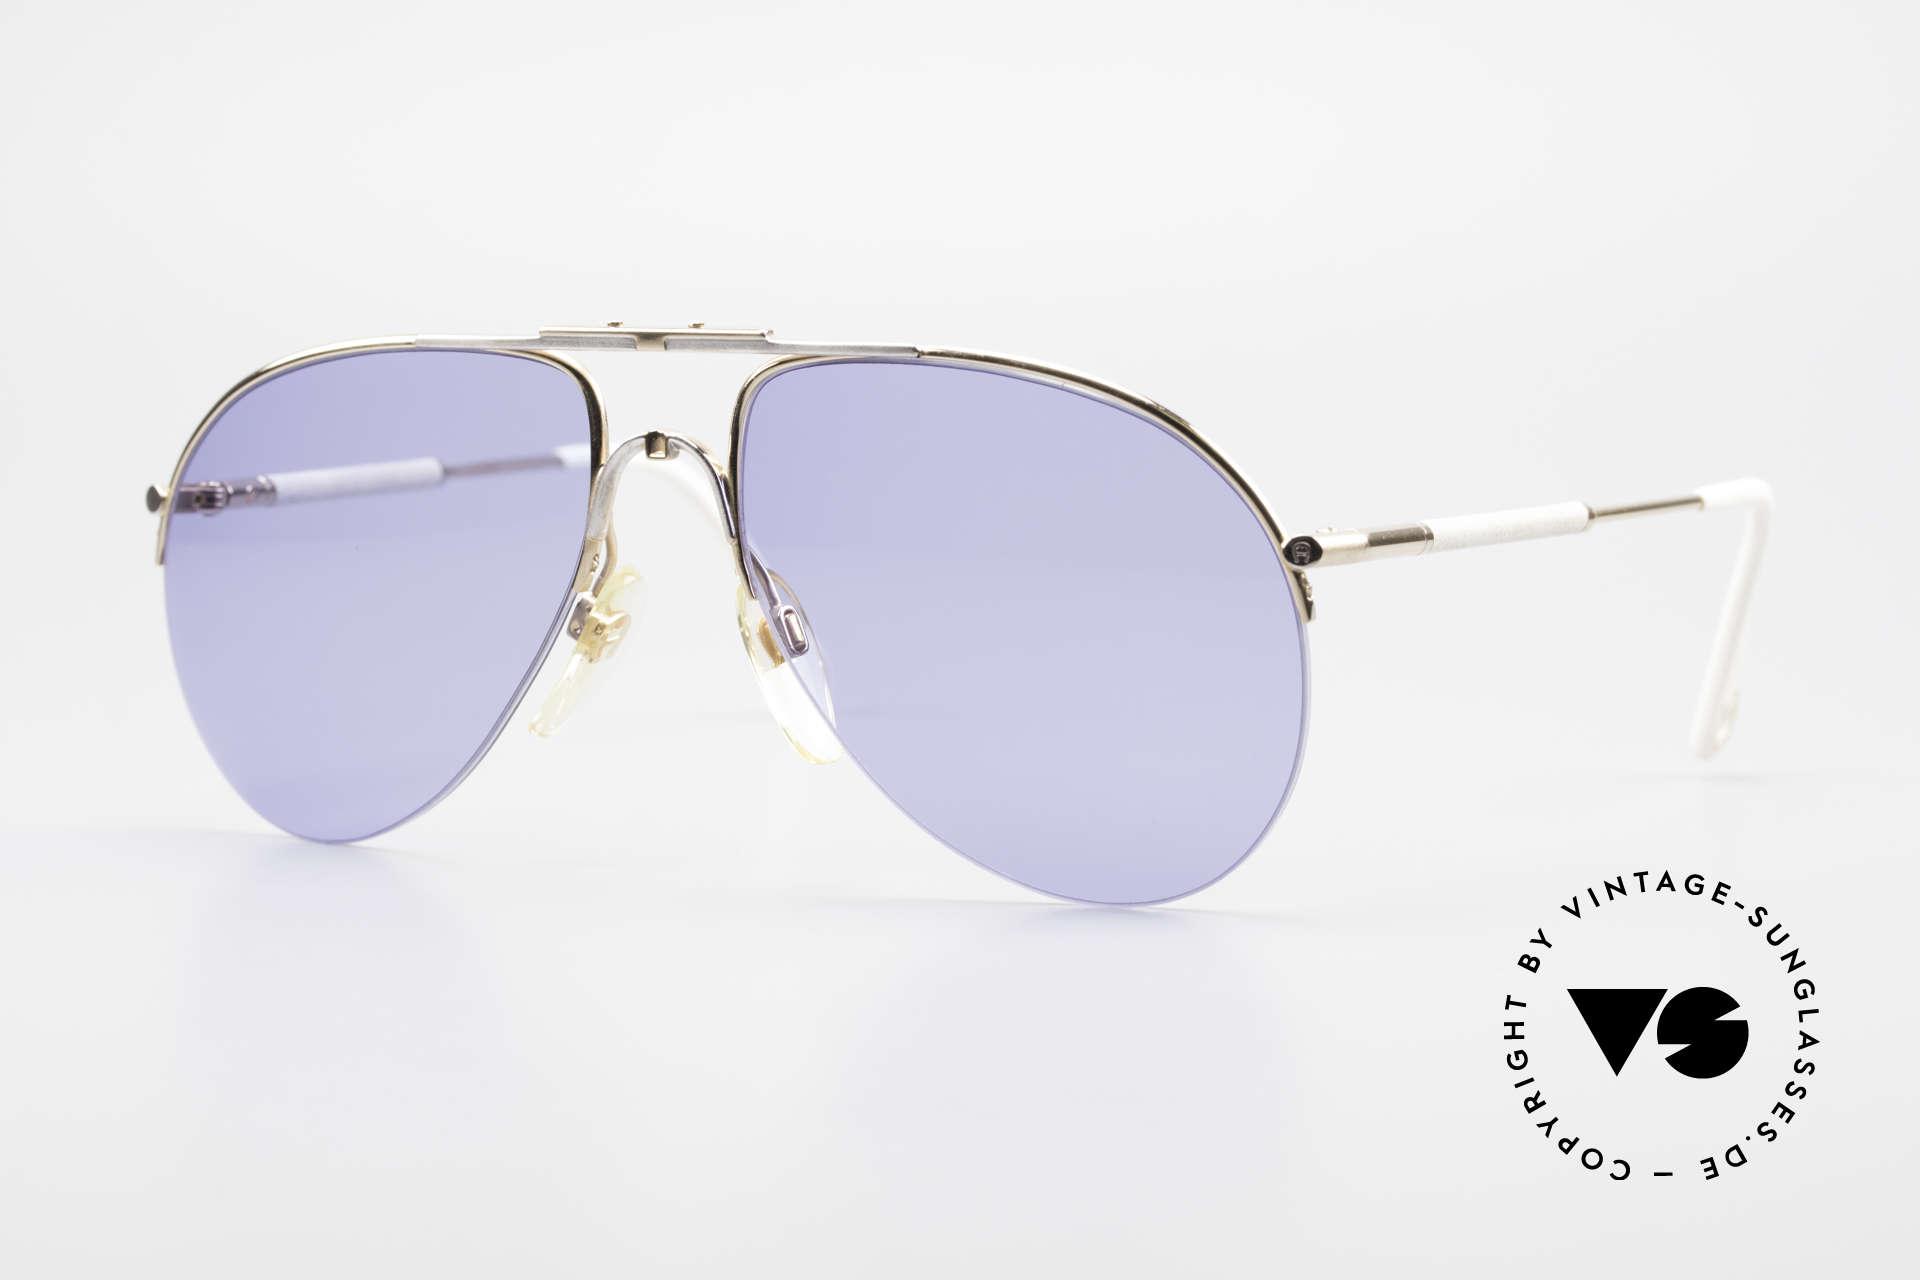 Aigner EA2 Echt 80er Vintage Sonnenbrille, Etienne Aigner 80er VINTAGE Designer-Sonnenbrille, Passend für Herren und Damen